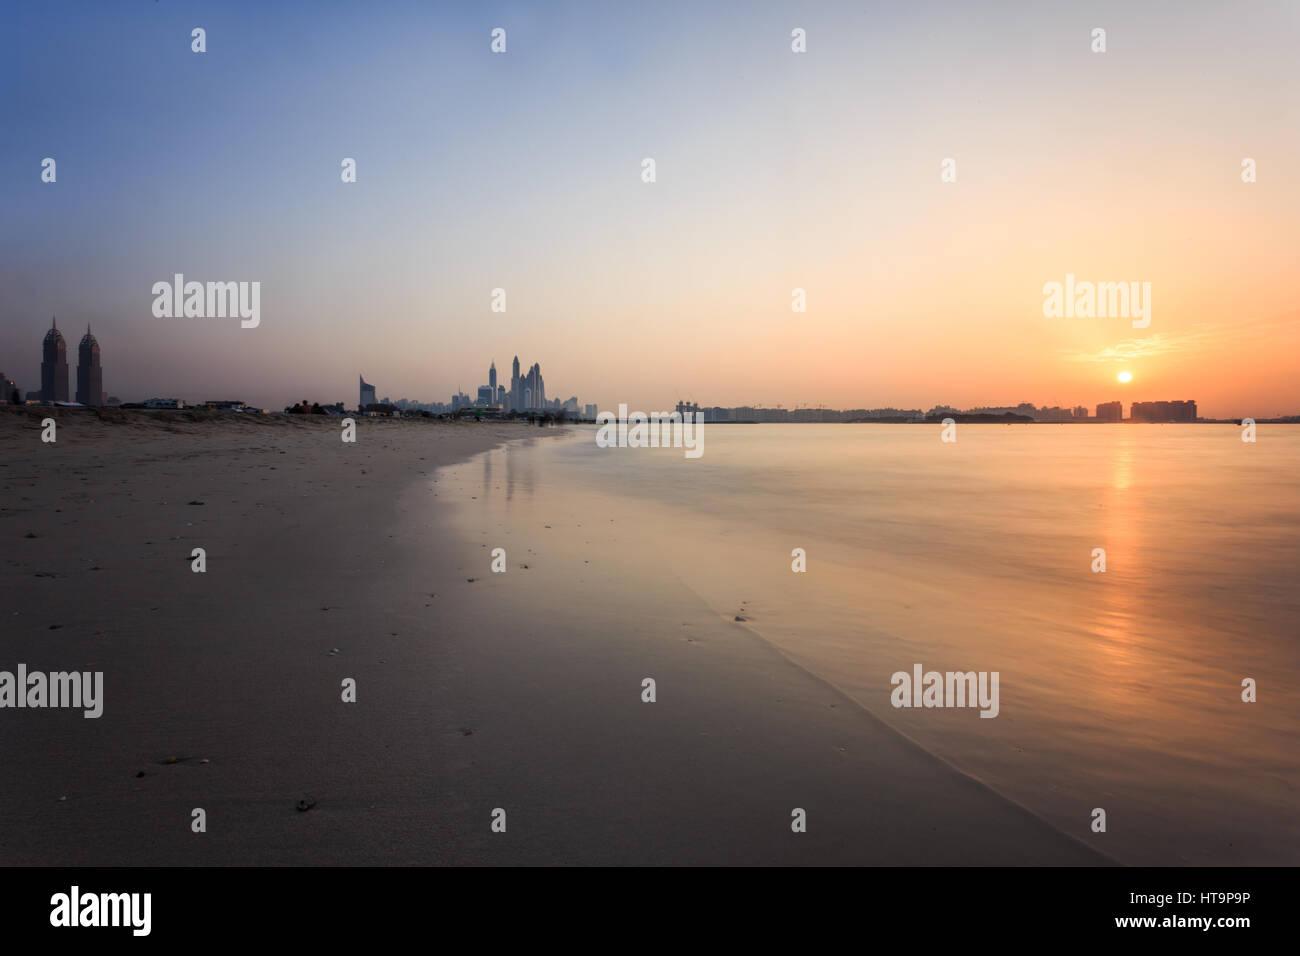 Jumeirah Beach - Stock Image